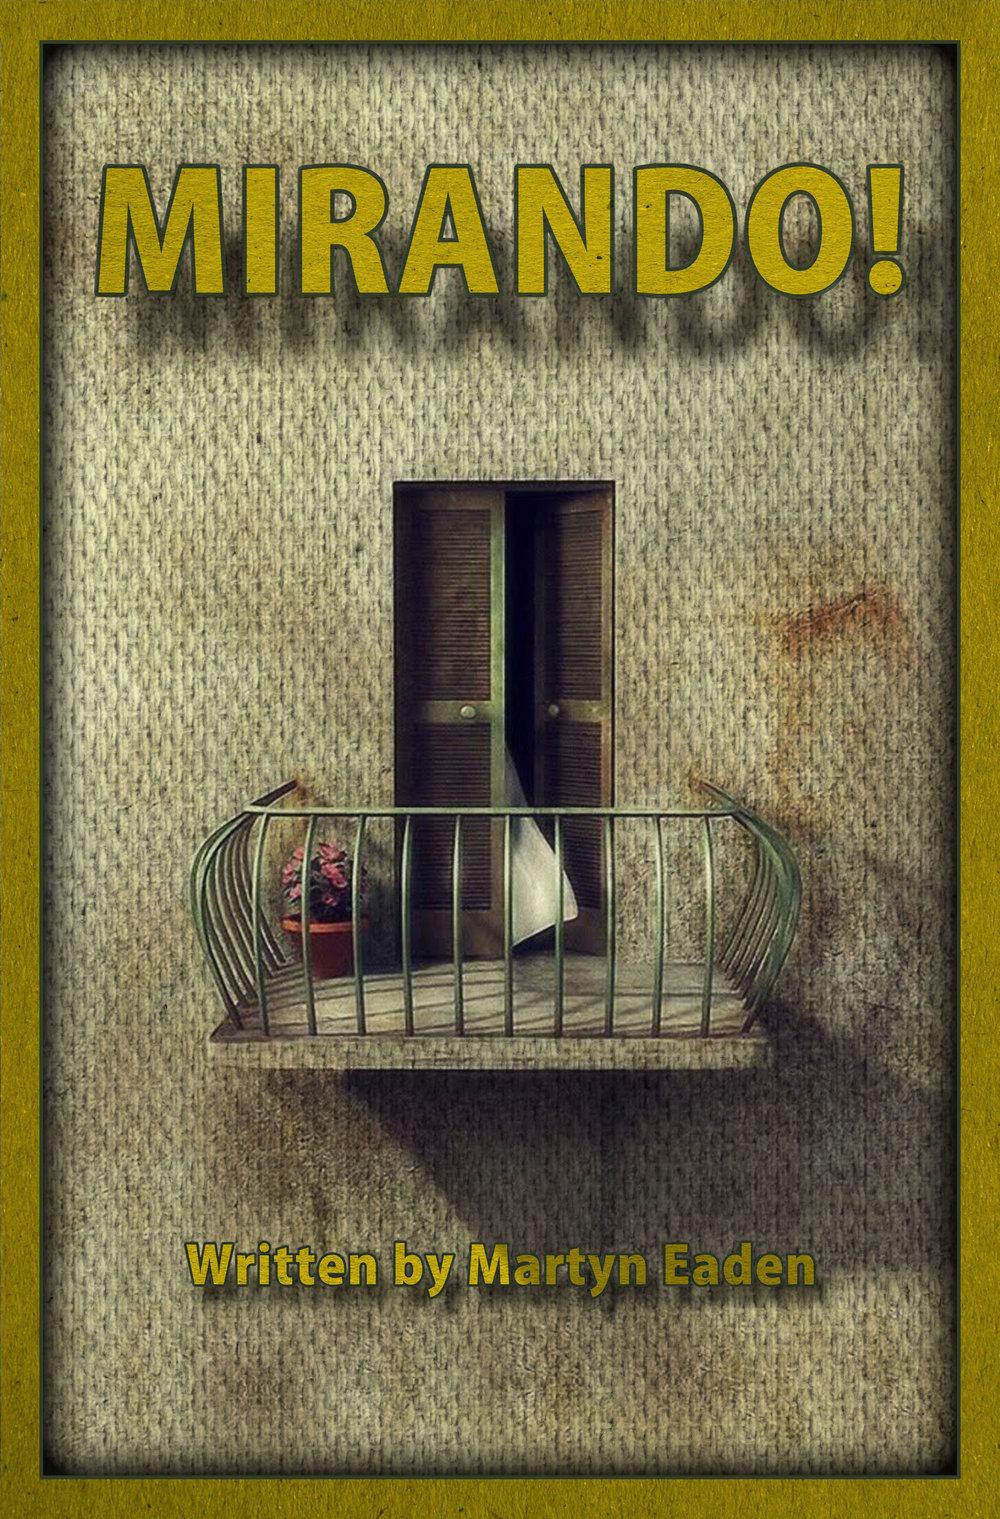 Mirando!_Poster.jpg